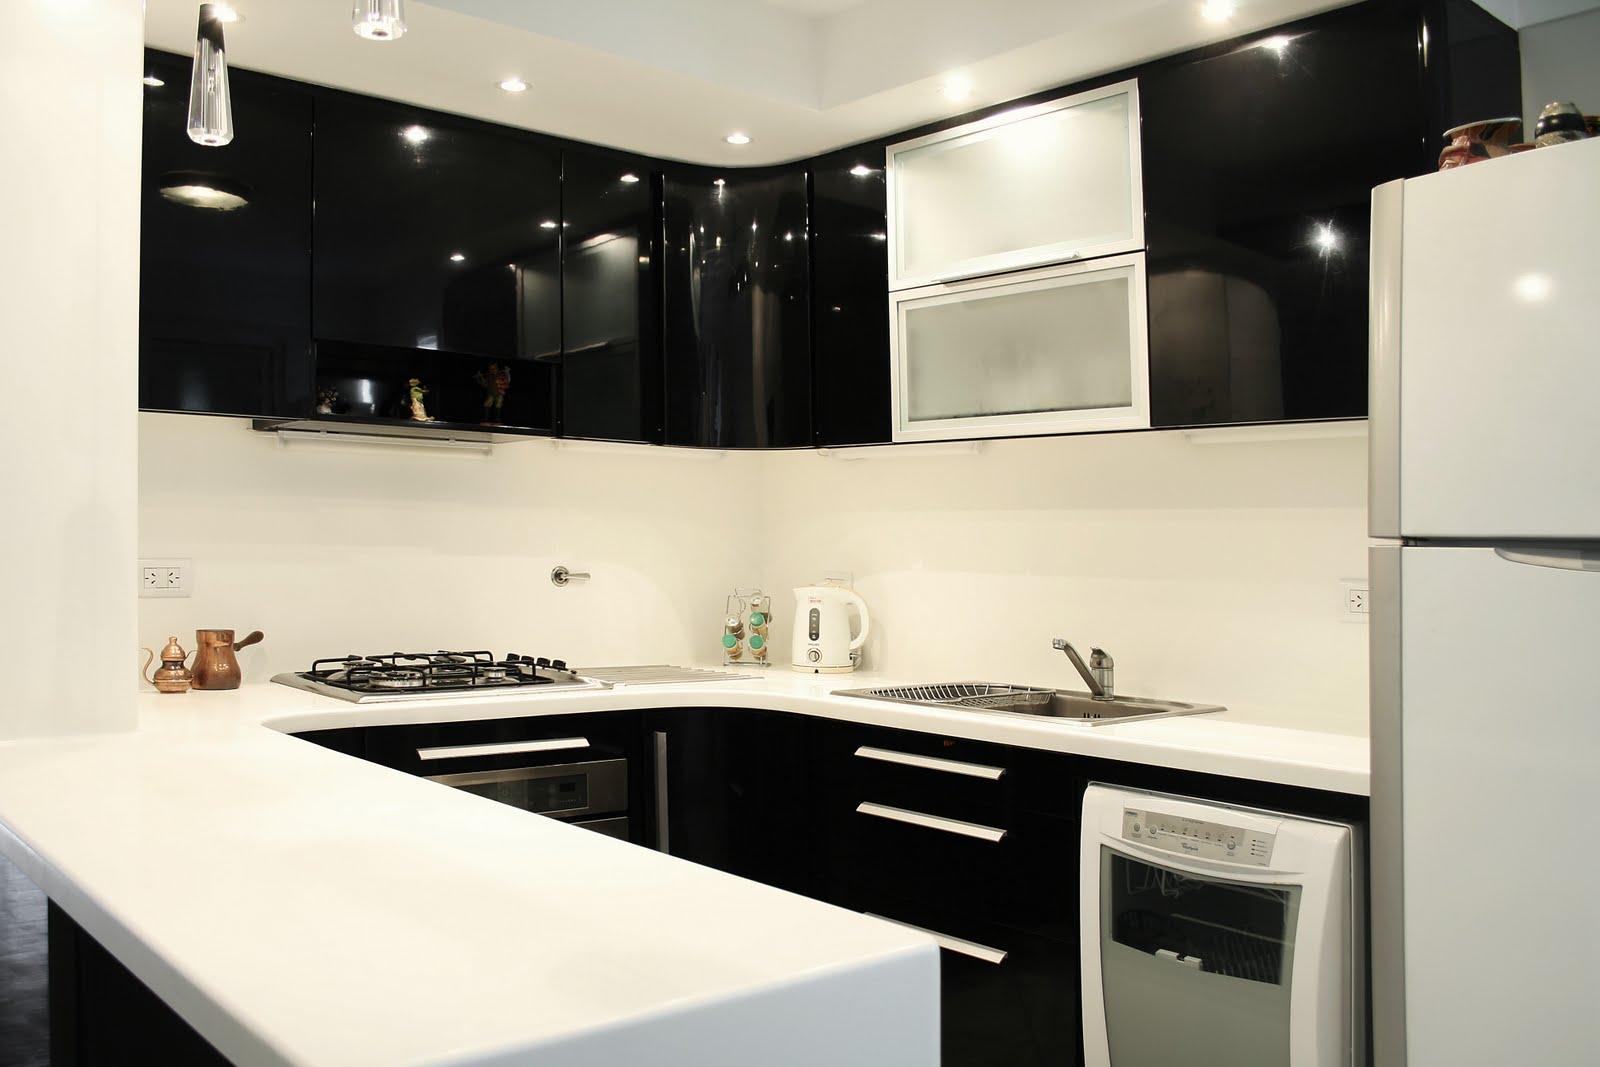 Cuando las ideas se concretan recuperando espacialidad 2 for Muebles de cocina negro